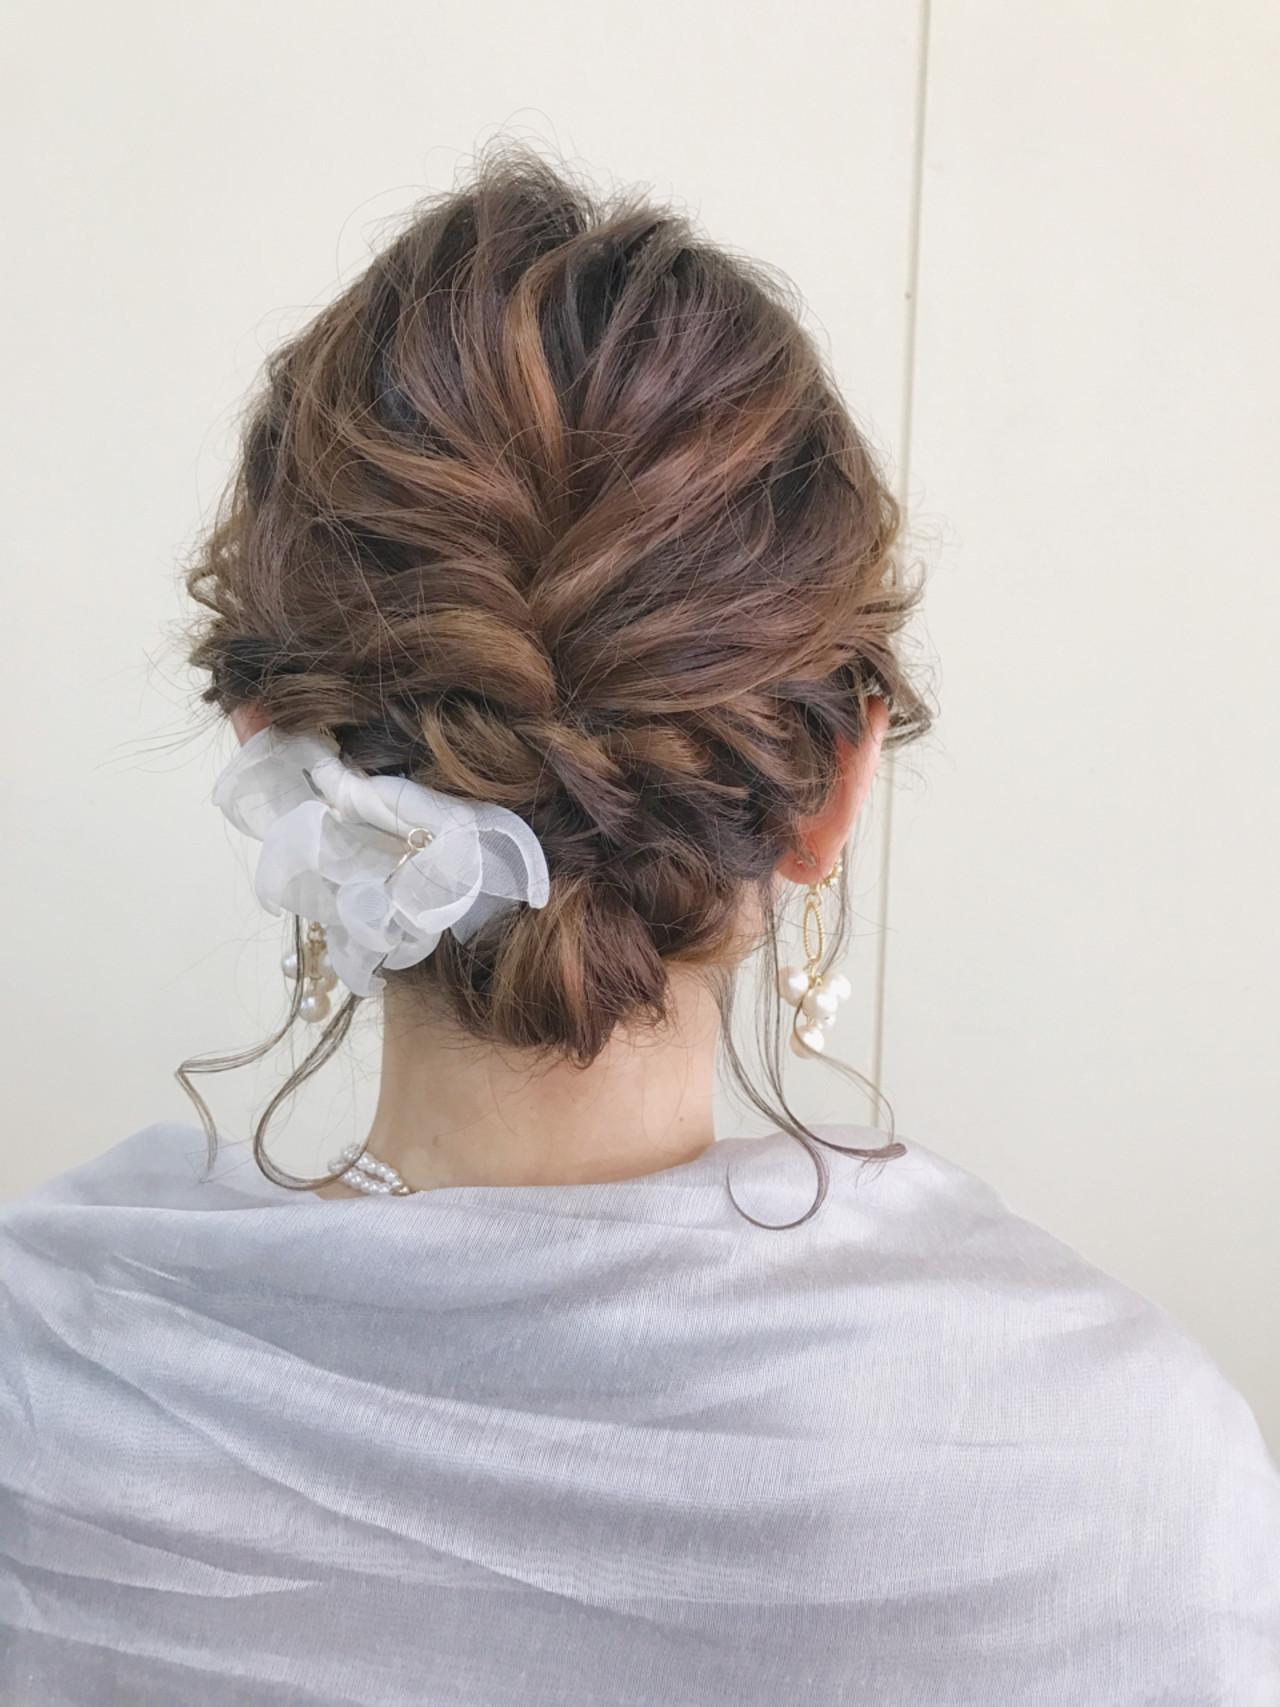 結婚式におすすめボブスタイルのロープ編みアレンジ サワ | PONY